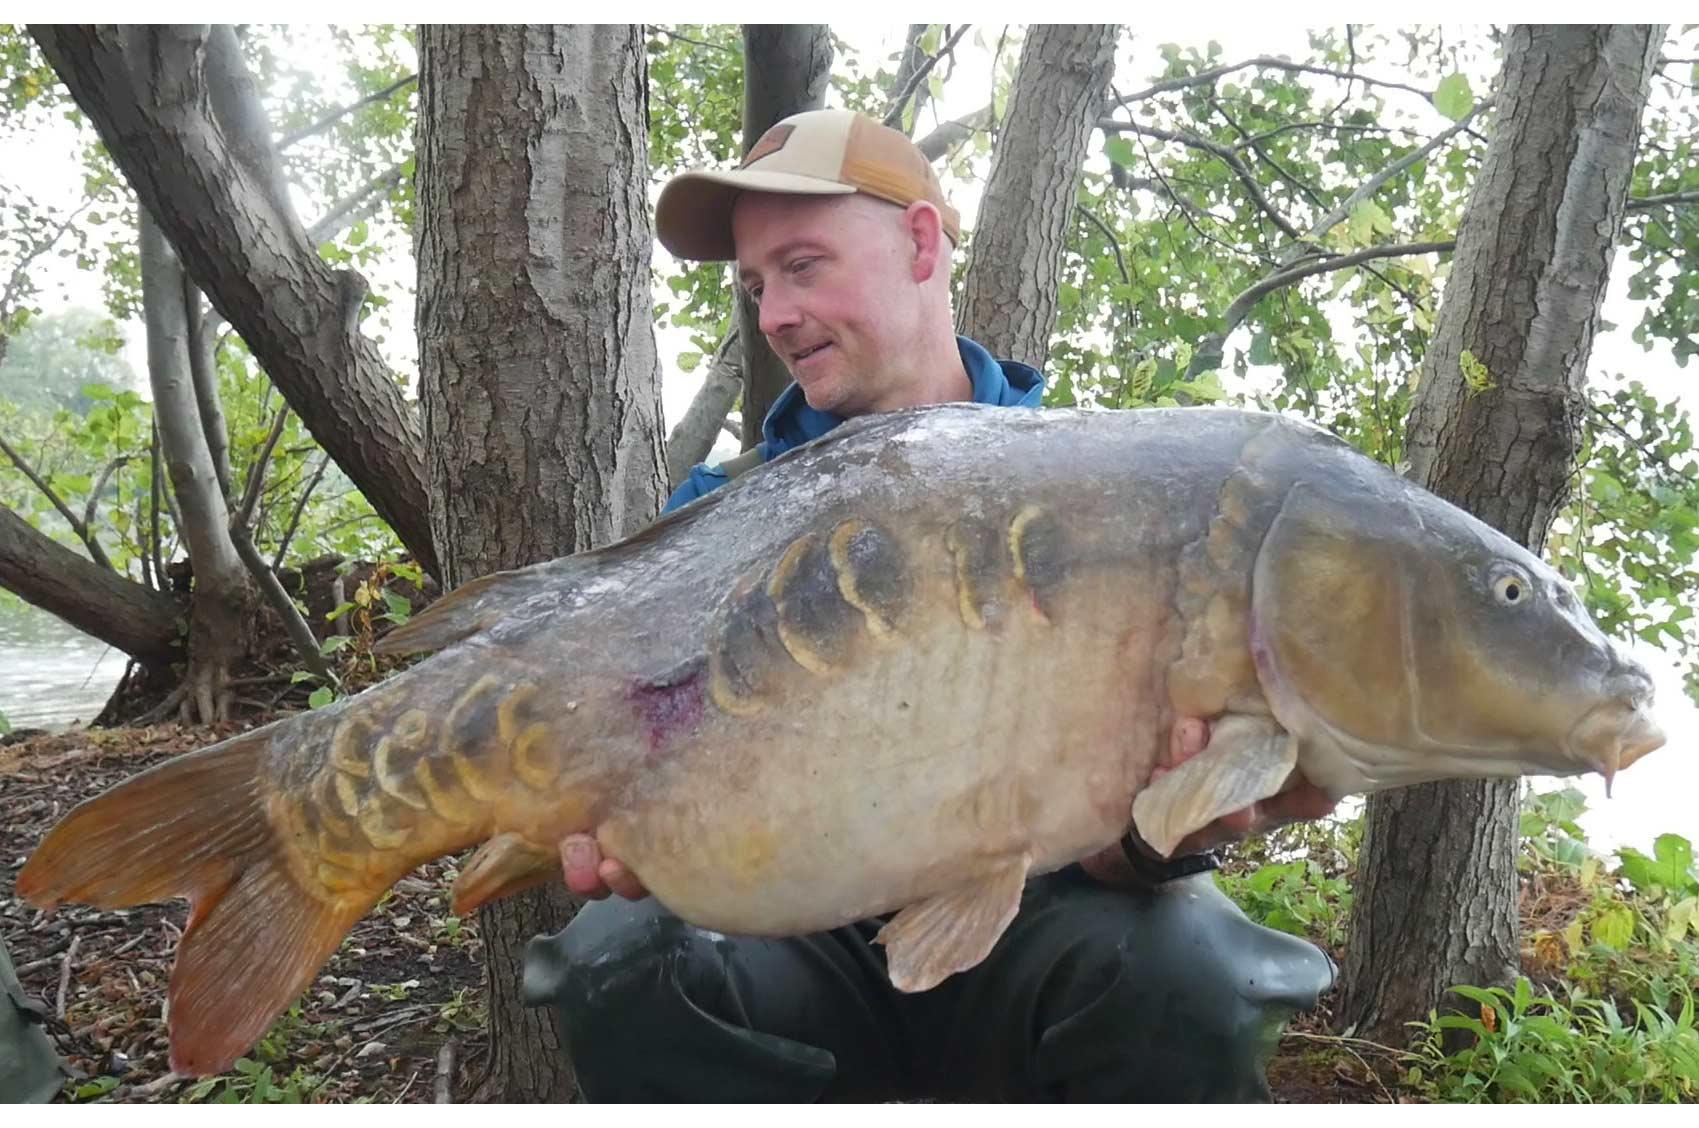 17,9 kilo vejede denne gamle kriger. Øverst ses den på 18 kilo. Begge fisk blev landet efter en lang fight i åkanderne.